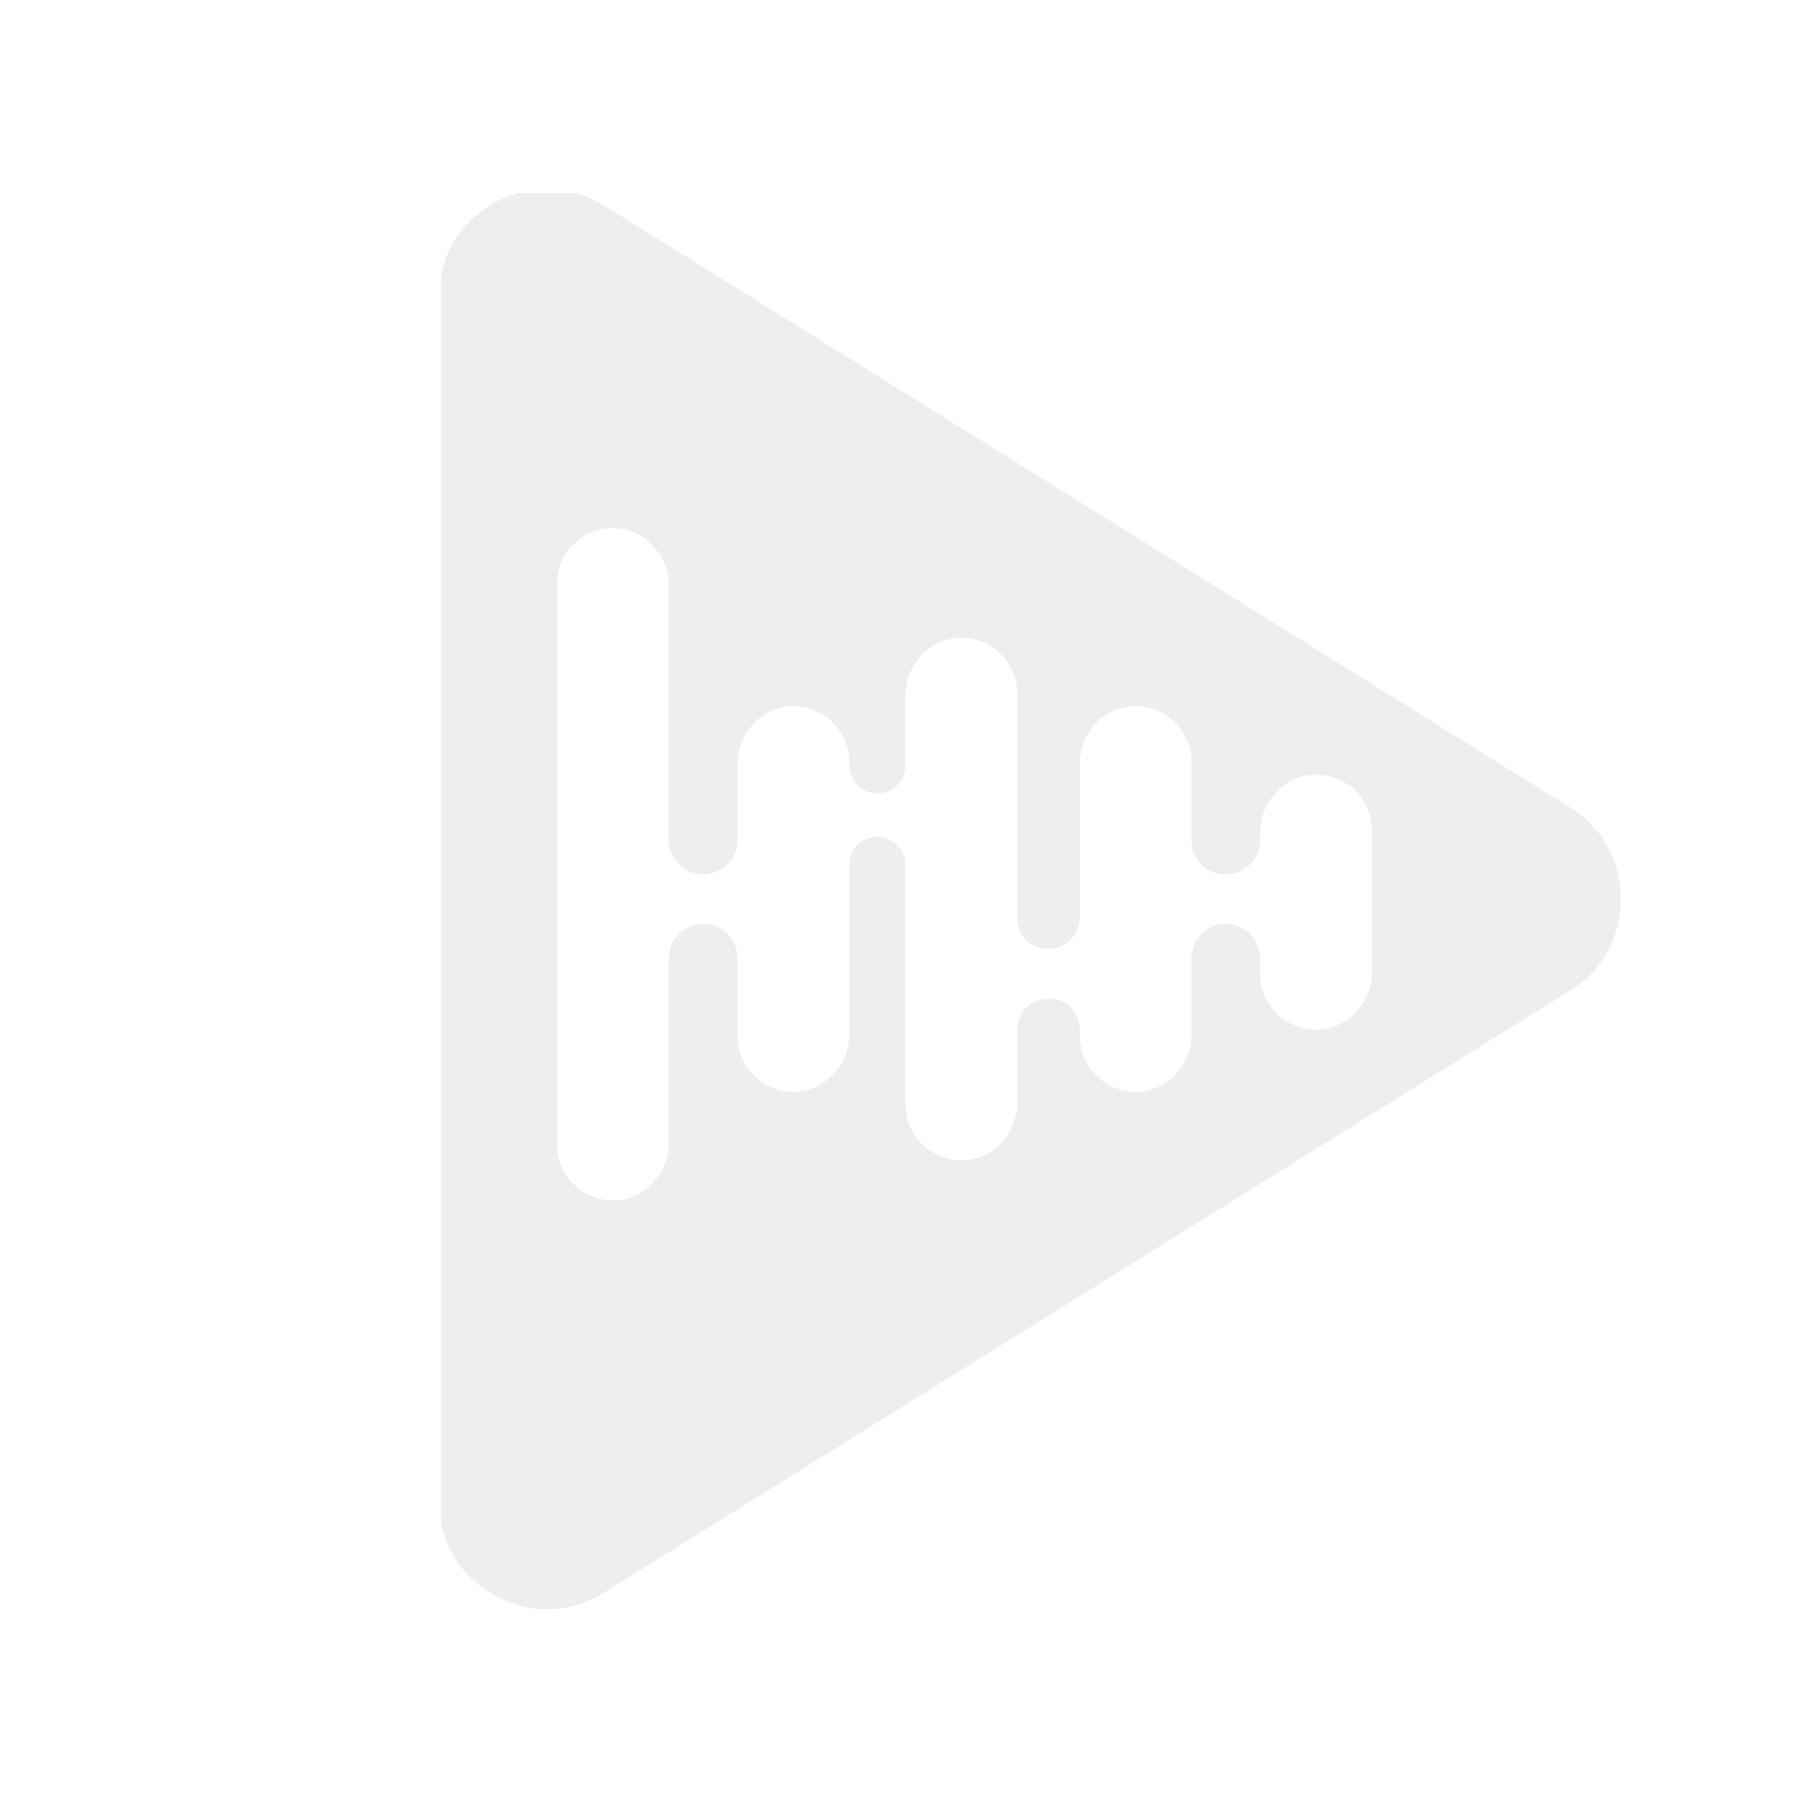 Metra AXADCH02 - Kabelsett til AXADBOX1/2 - Chrysler, Dodge, Jeep ('09 >)